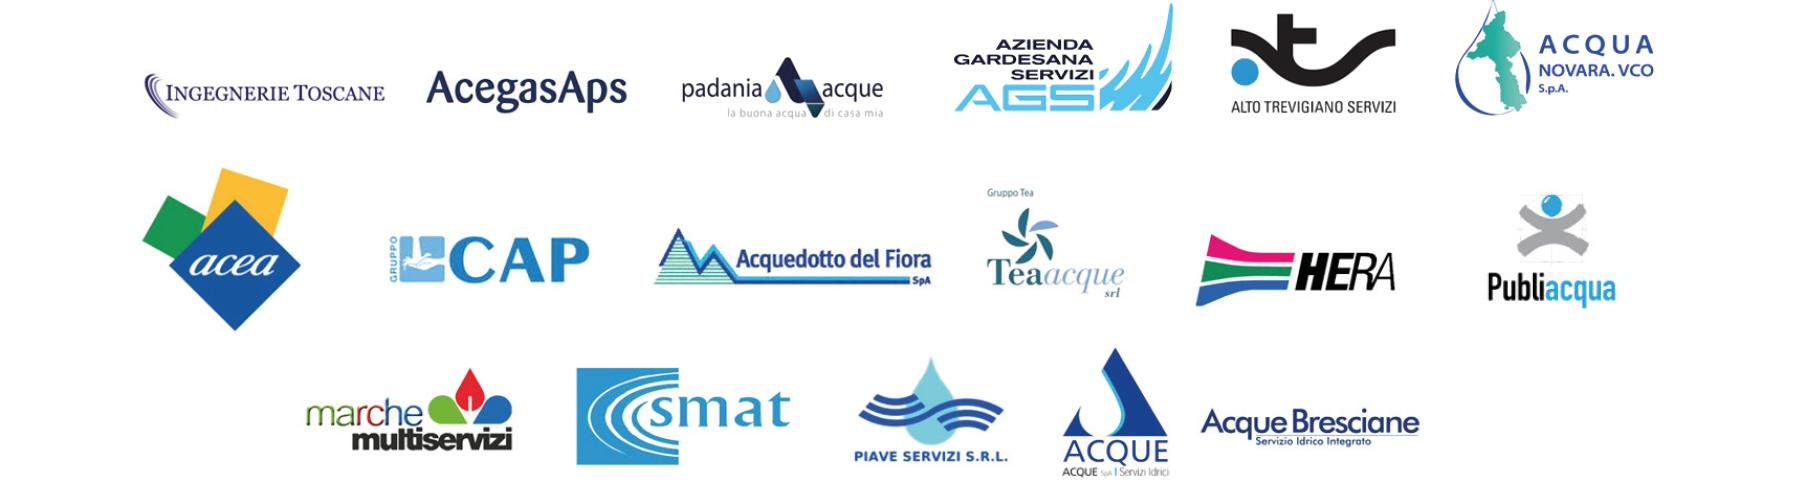 2f Water Venture - referenze